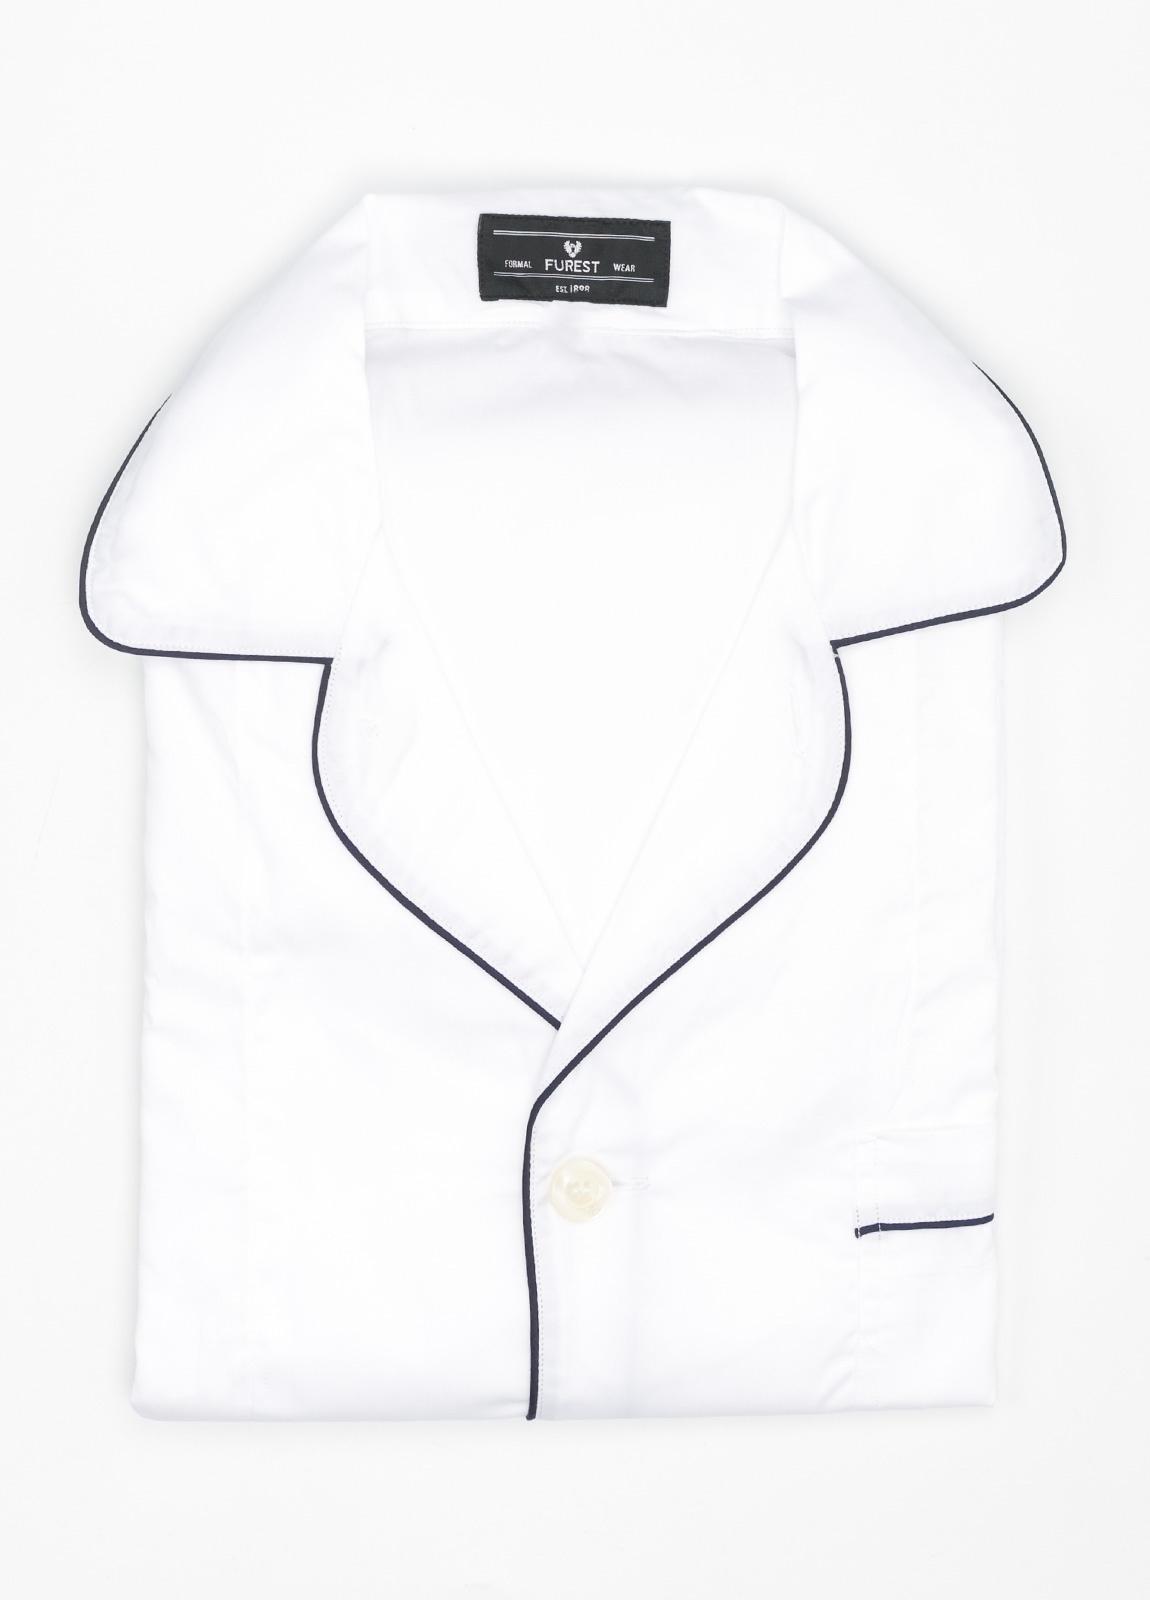 Pijama LARGO dos piezas, pantalón largo con cinta no elástica y funda incluida color blanco liso, 100% Algodón.